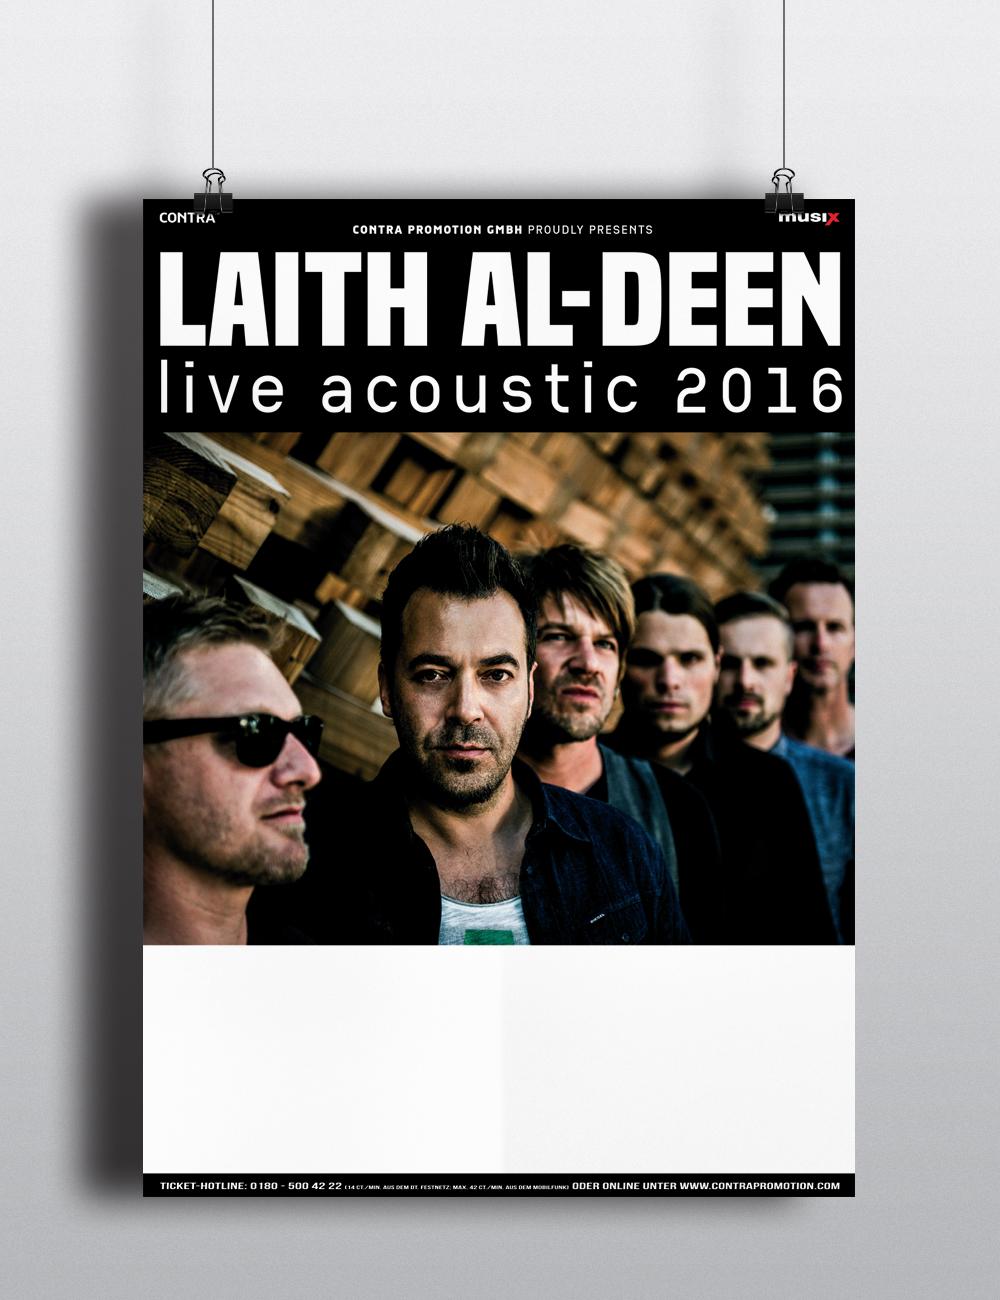 laith al deen acoustic-2016